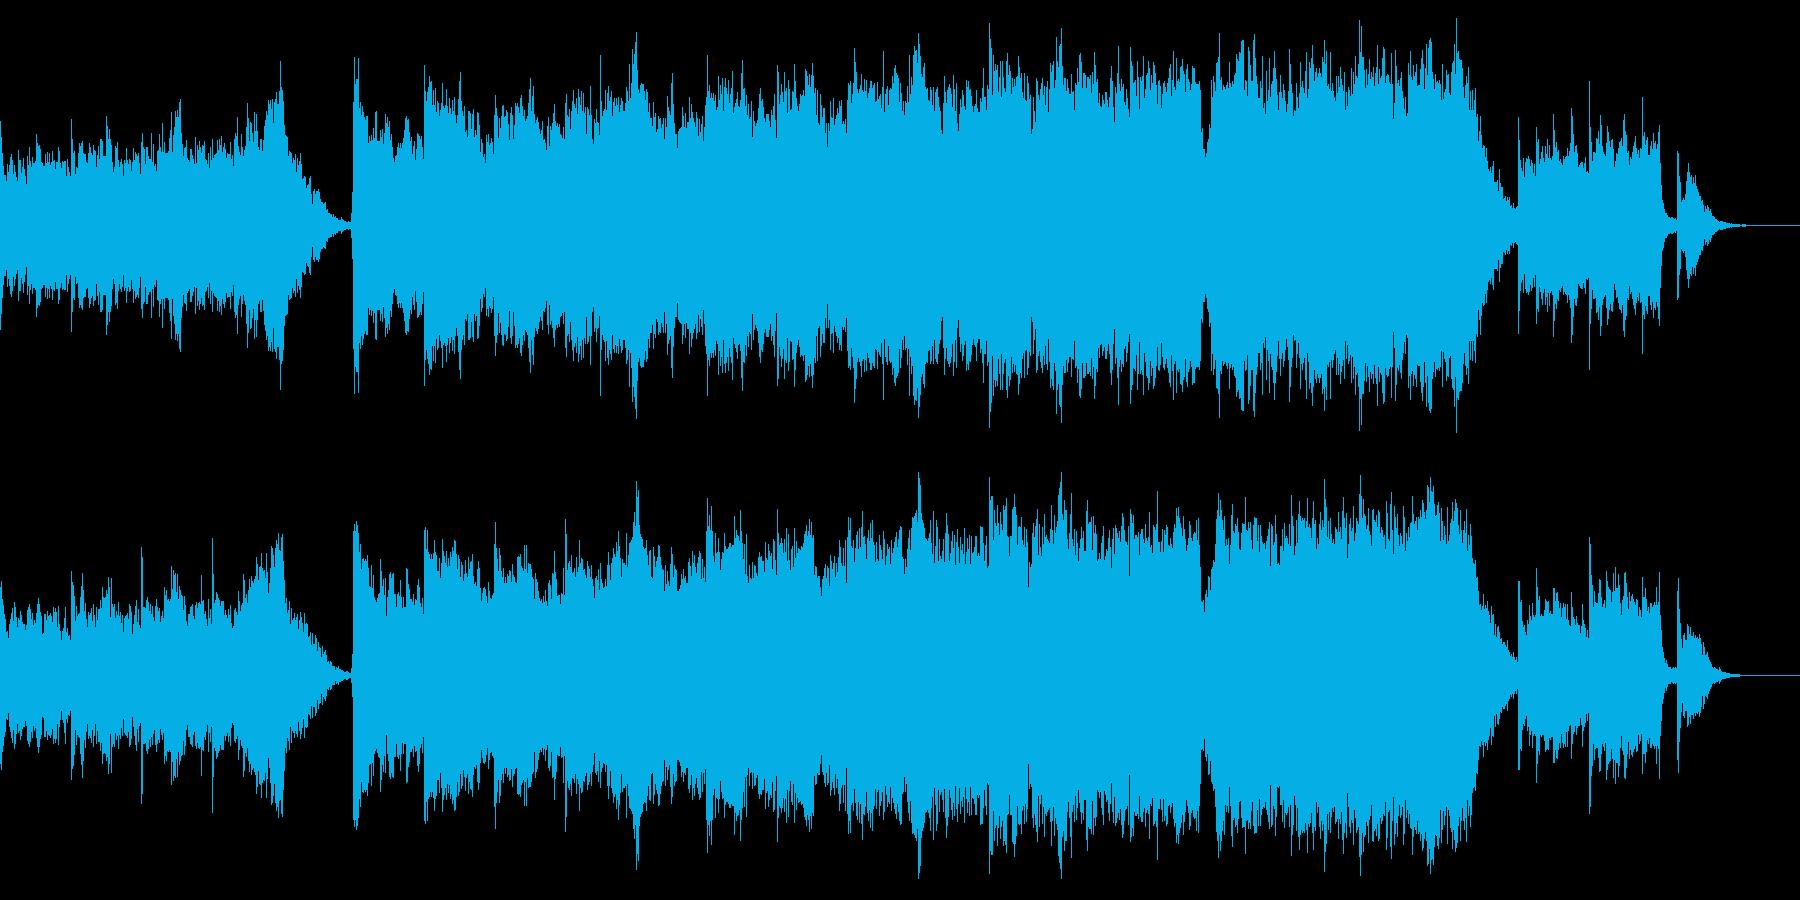 マイナー調の壮大なオーケストラ 映像用の再生済みの波形